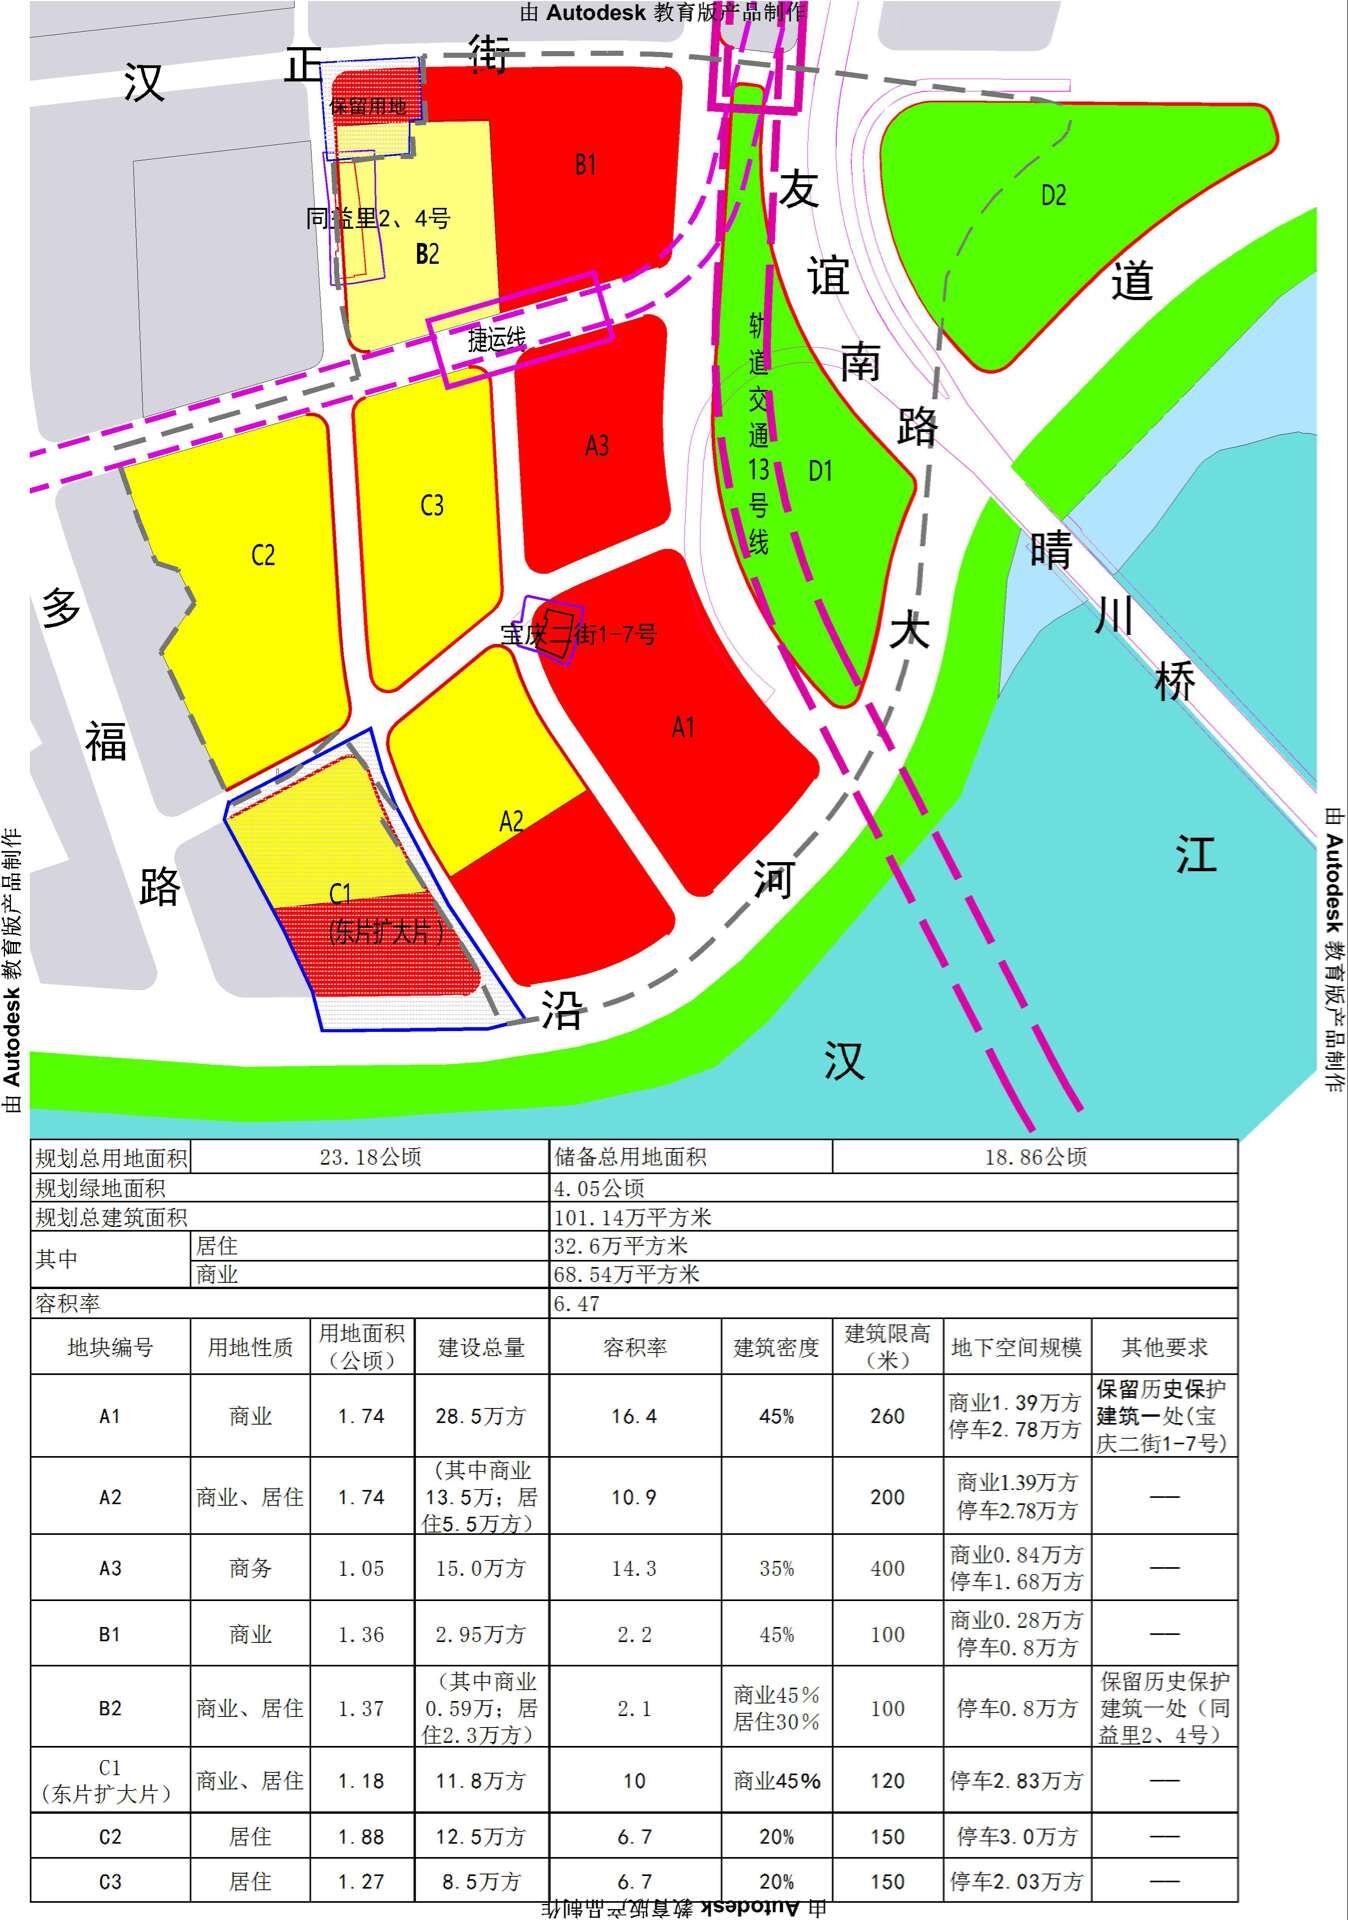 汉正街东片项目规划图